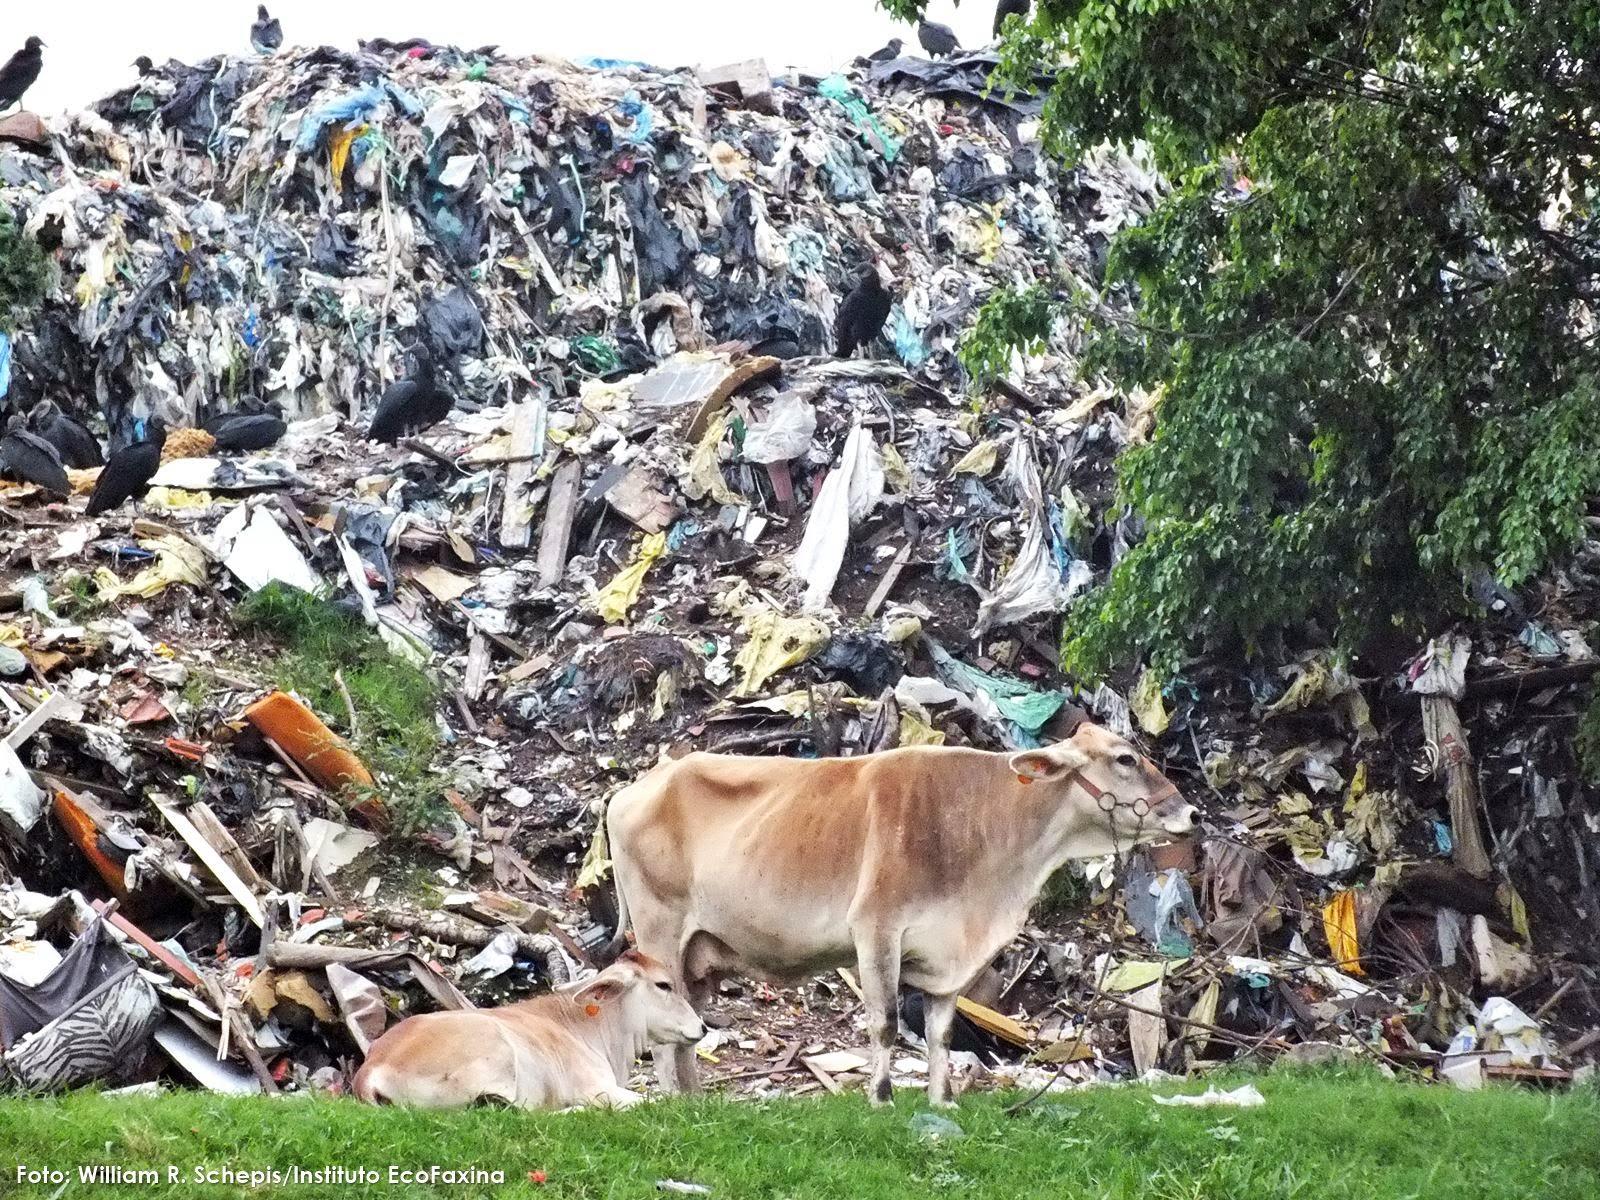 Pessoas e animais convivem com o lixo no Parque Ambiental Sambaiatuba